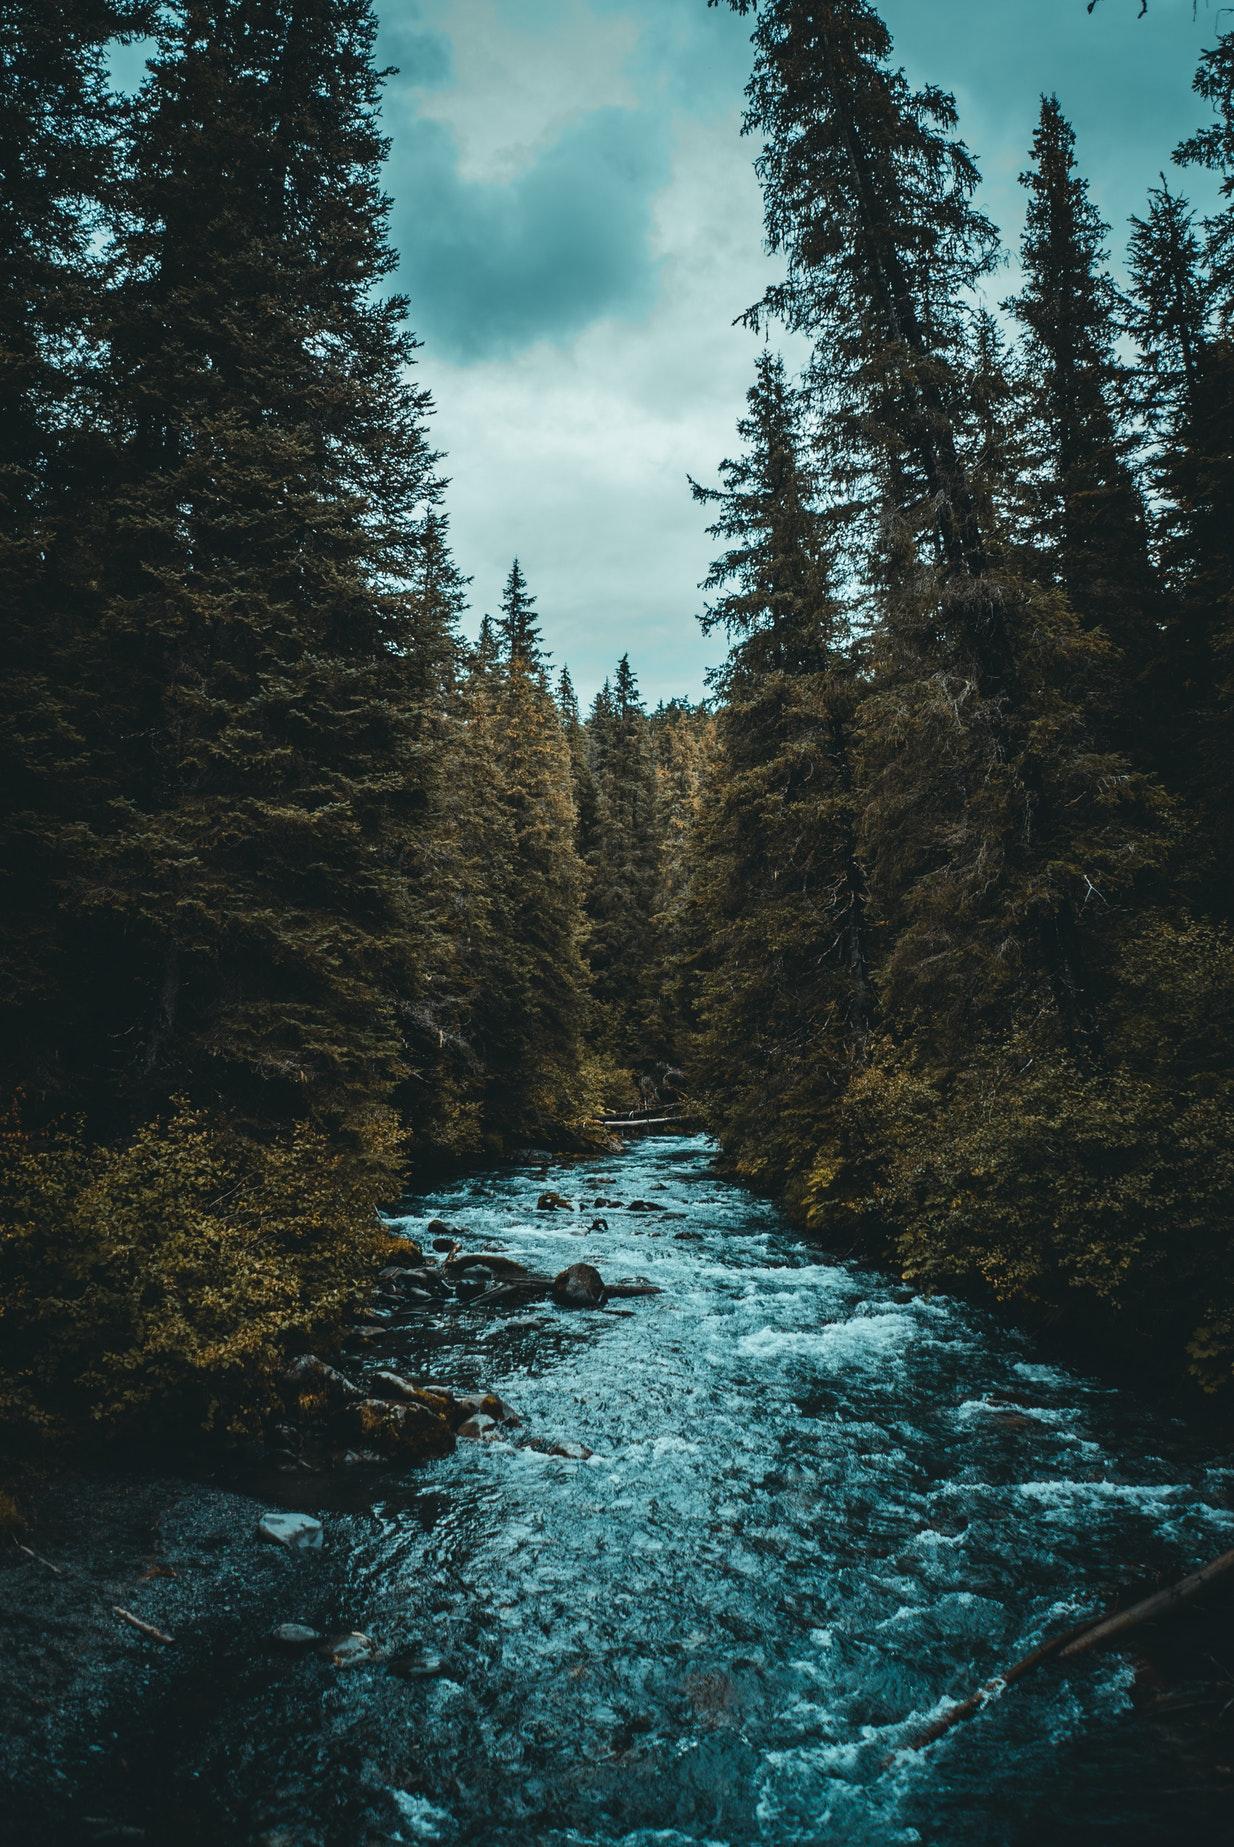 картинки природа красивые для айфона что удивляйтесь если